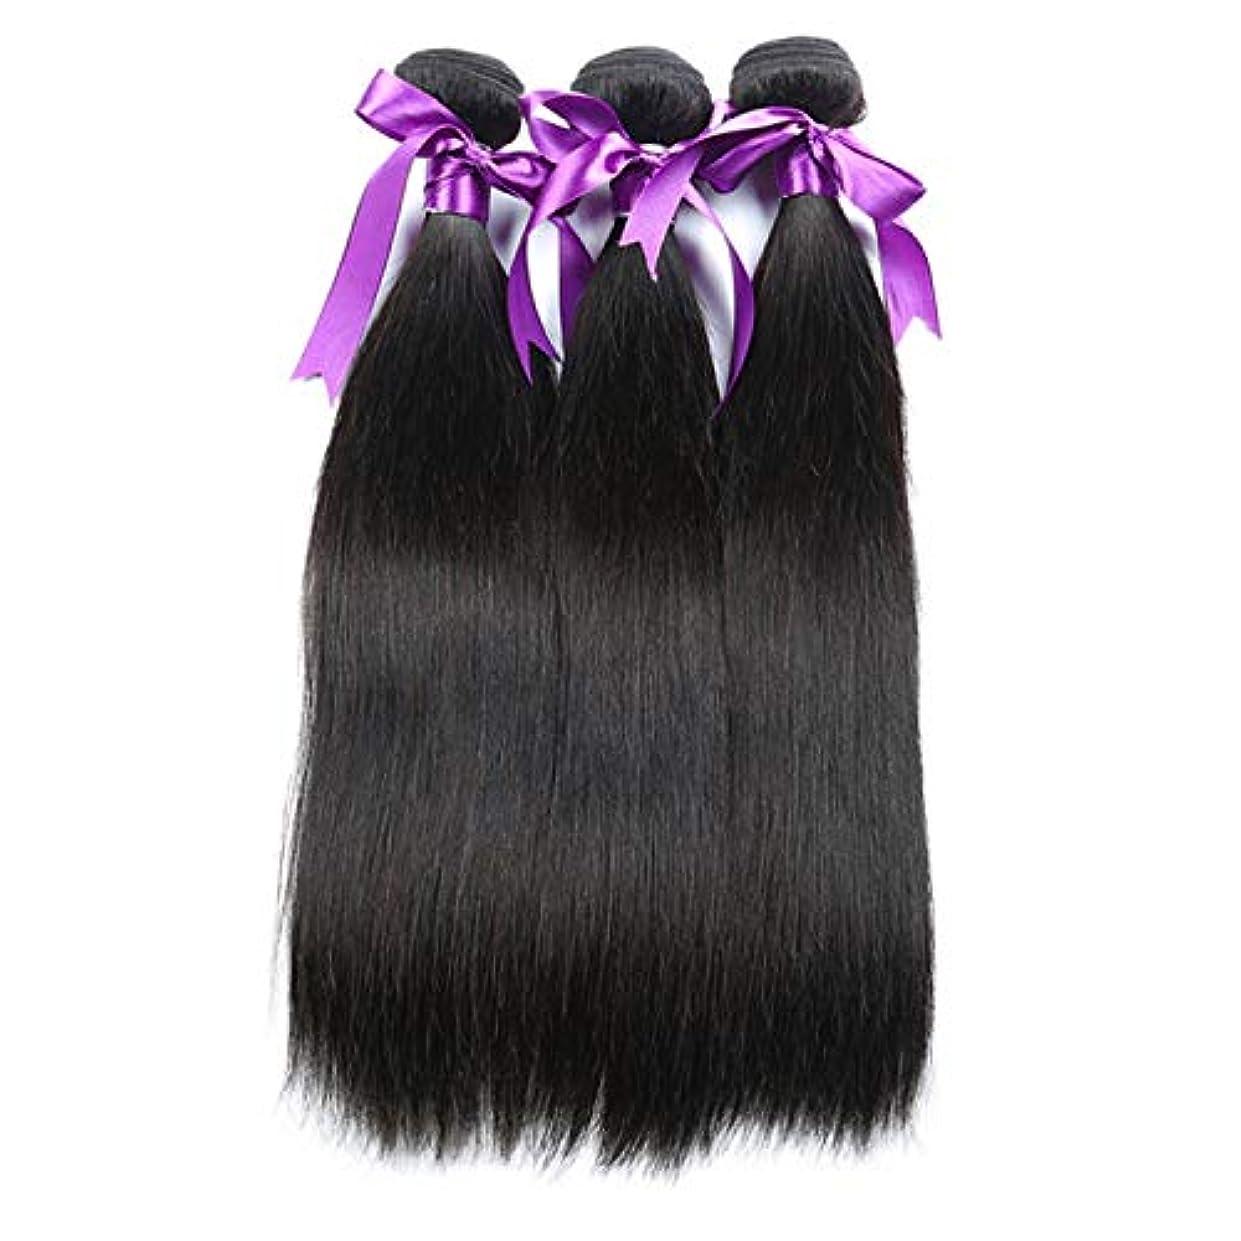 韓国語研究所繕う髪マレーシアストレートヘア3個人間の髪の束非レミーの毛延長8-28インチボディヘアウィッグ (Length : 22 24 26)